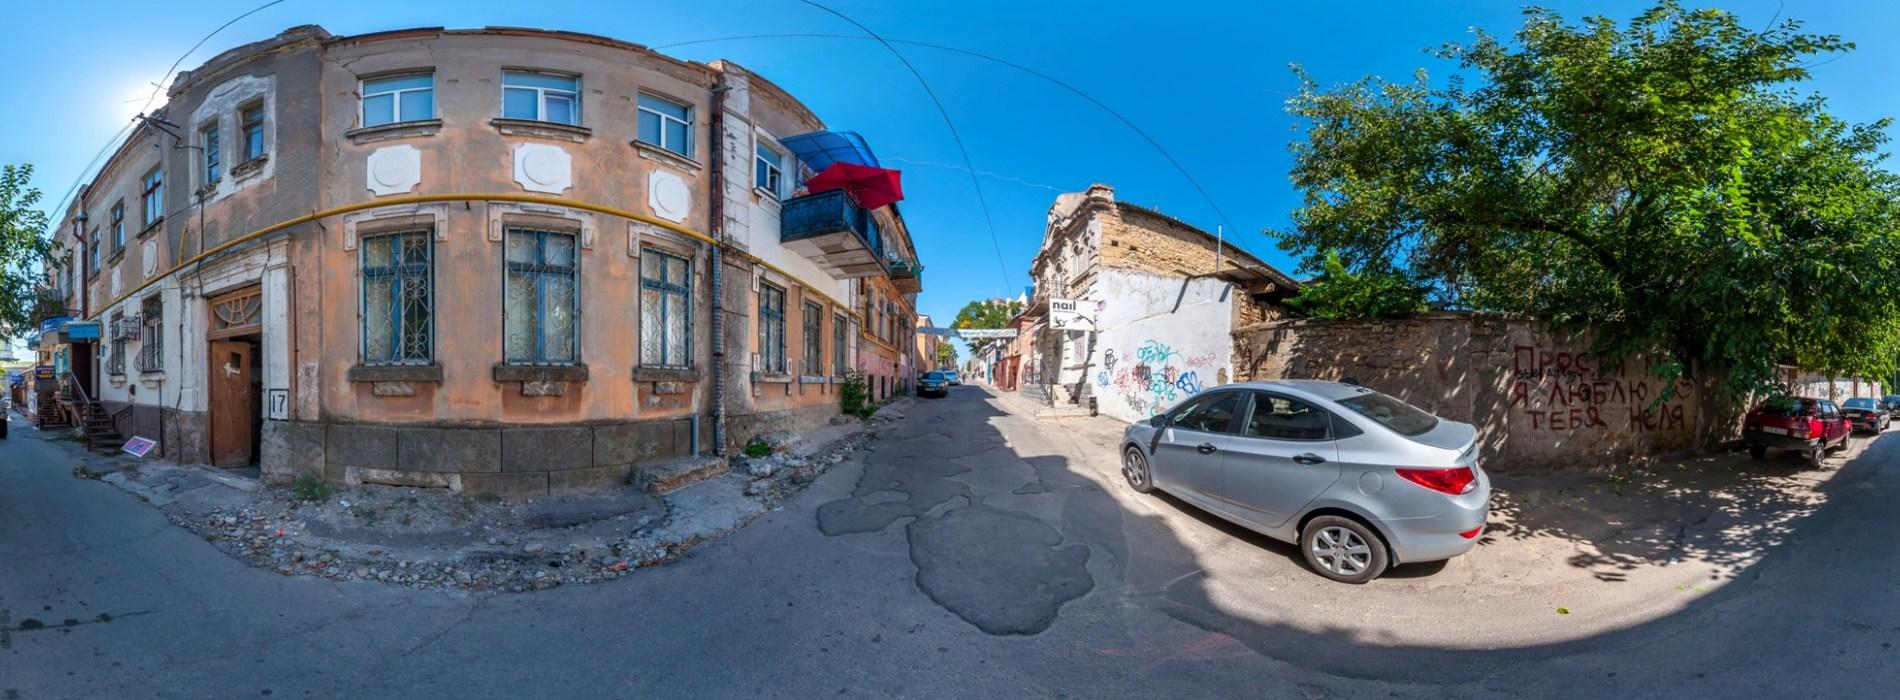 Улицы рассказывают: Херсон, старый-добрый центр